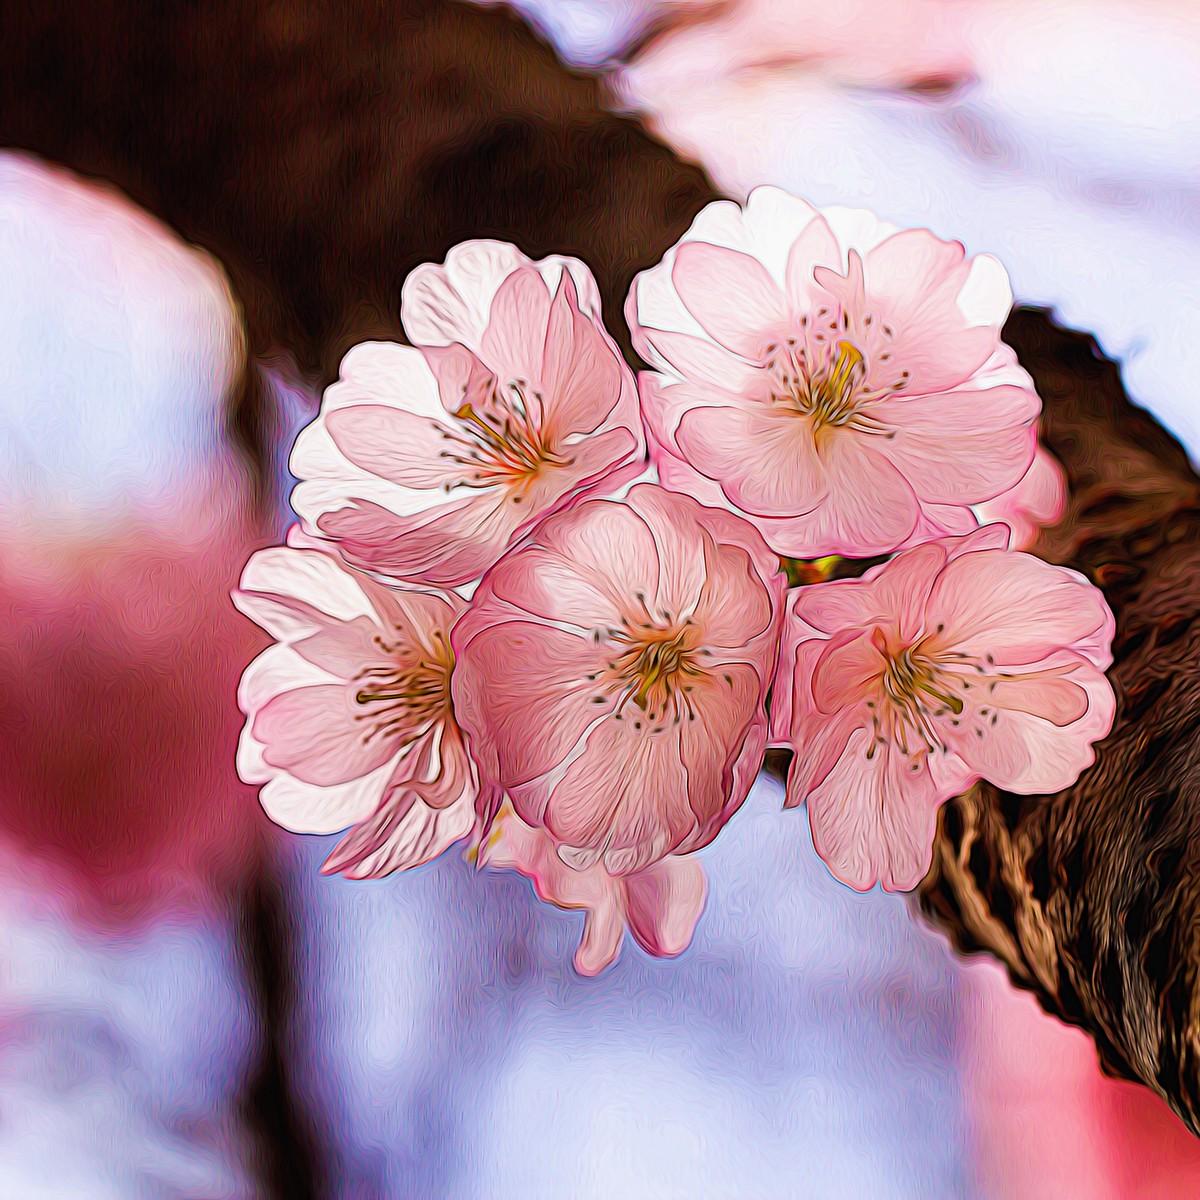 迎候春天_图1-10